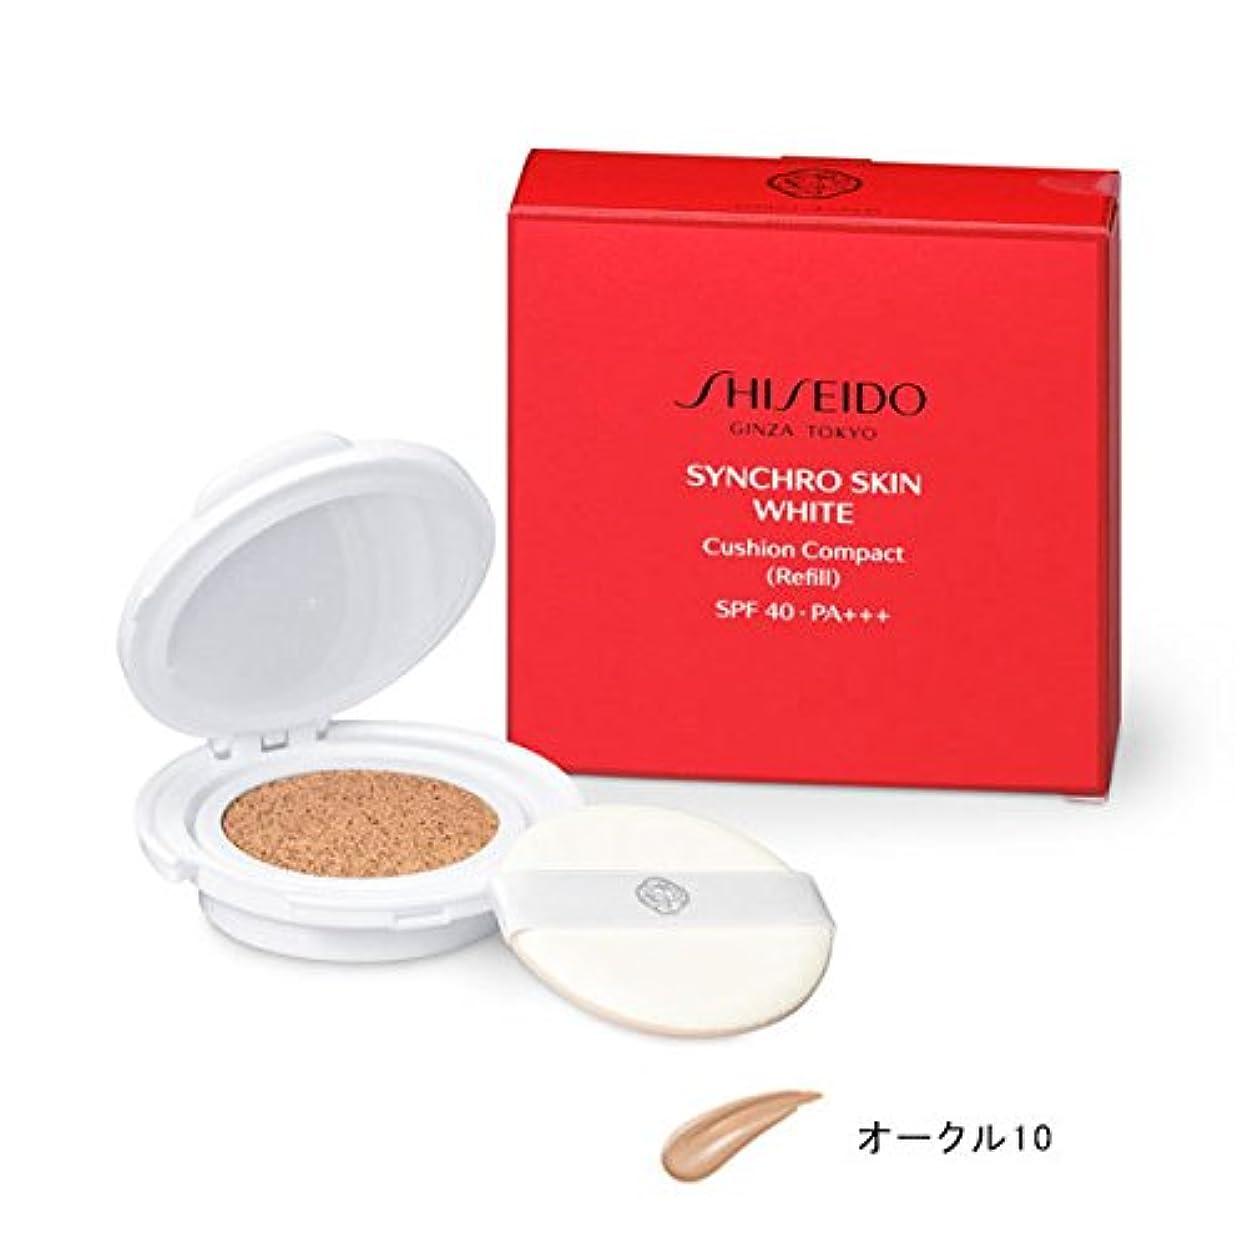 凍る展望台スリップSHISEIDO Makeup(資生堂 メーキャップ) SHISEIDO(資生堂) シンクロスキン ホワイト クッションコンパクト WT レフィル(医薬部外品) (オークル10)